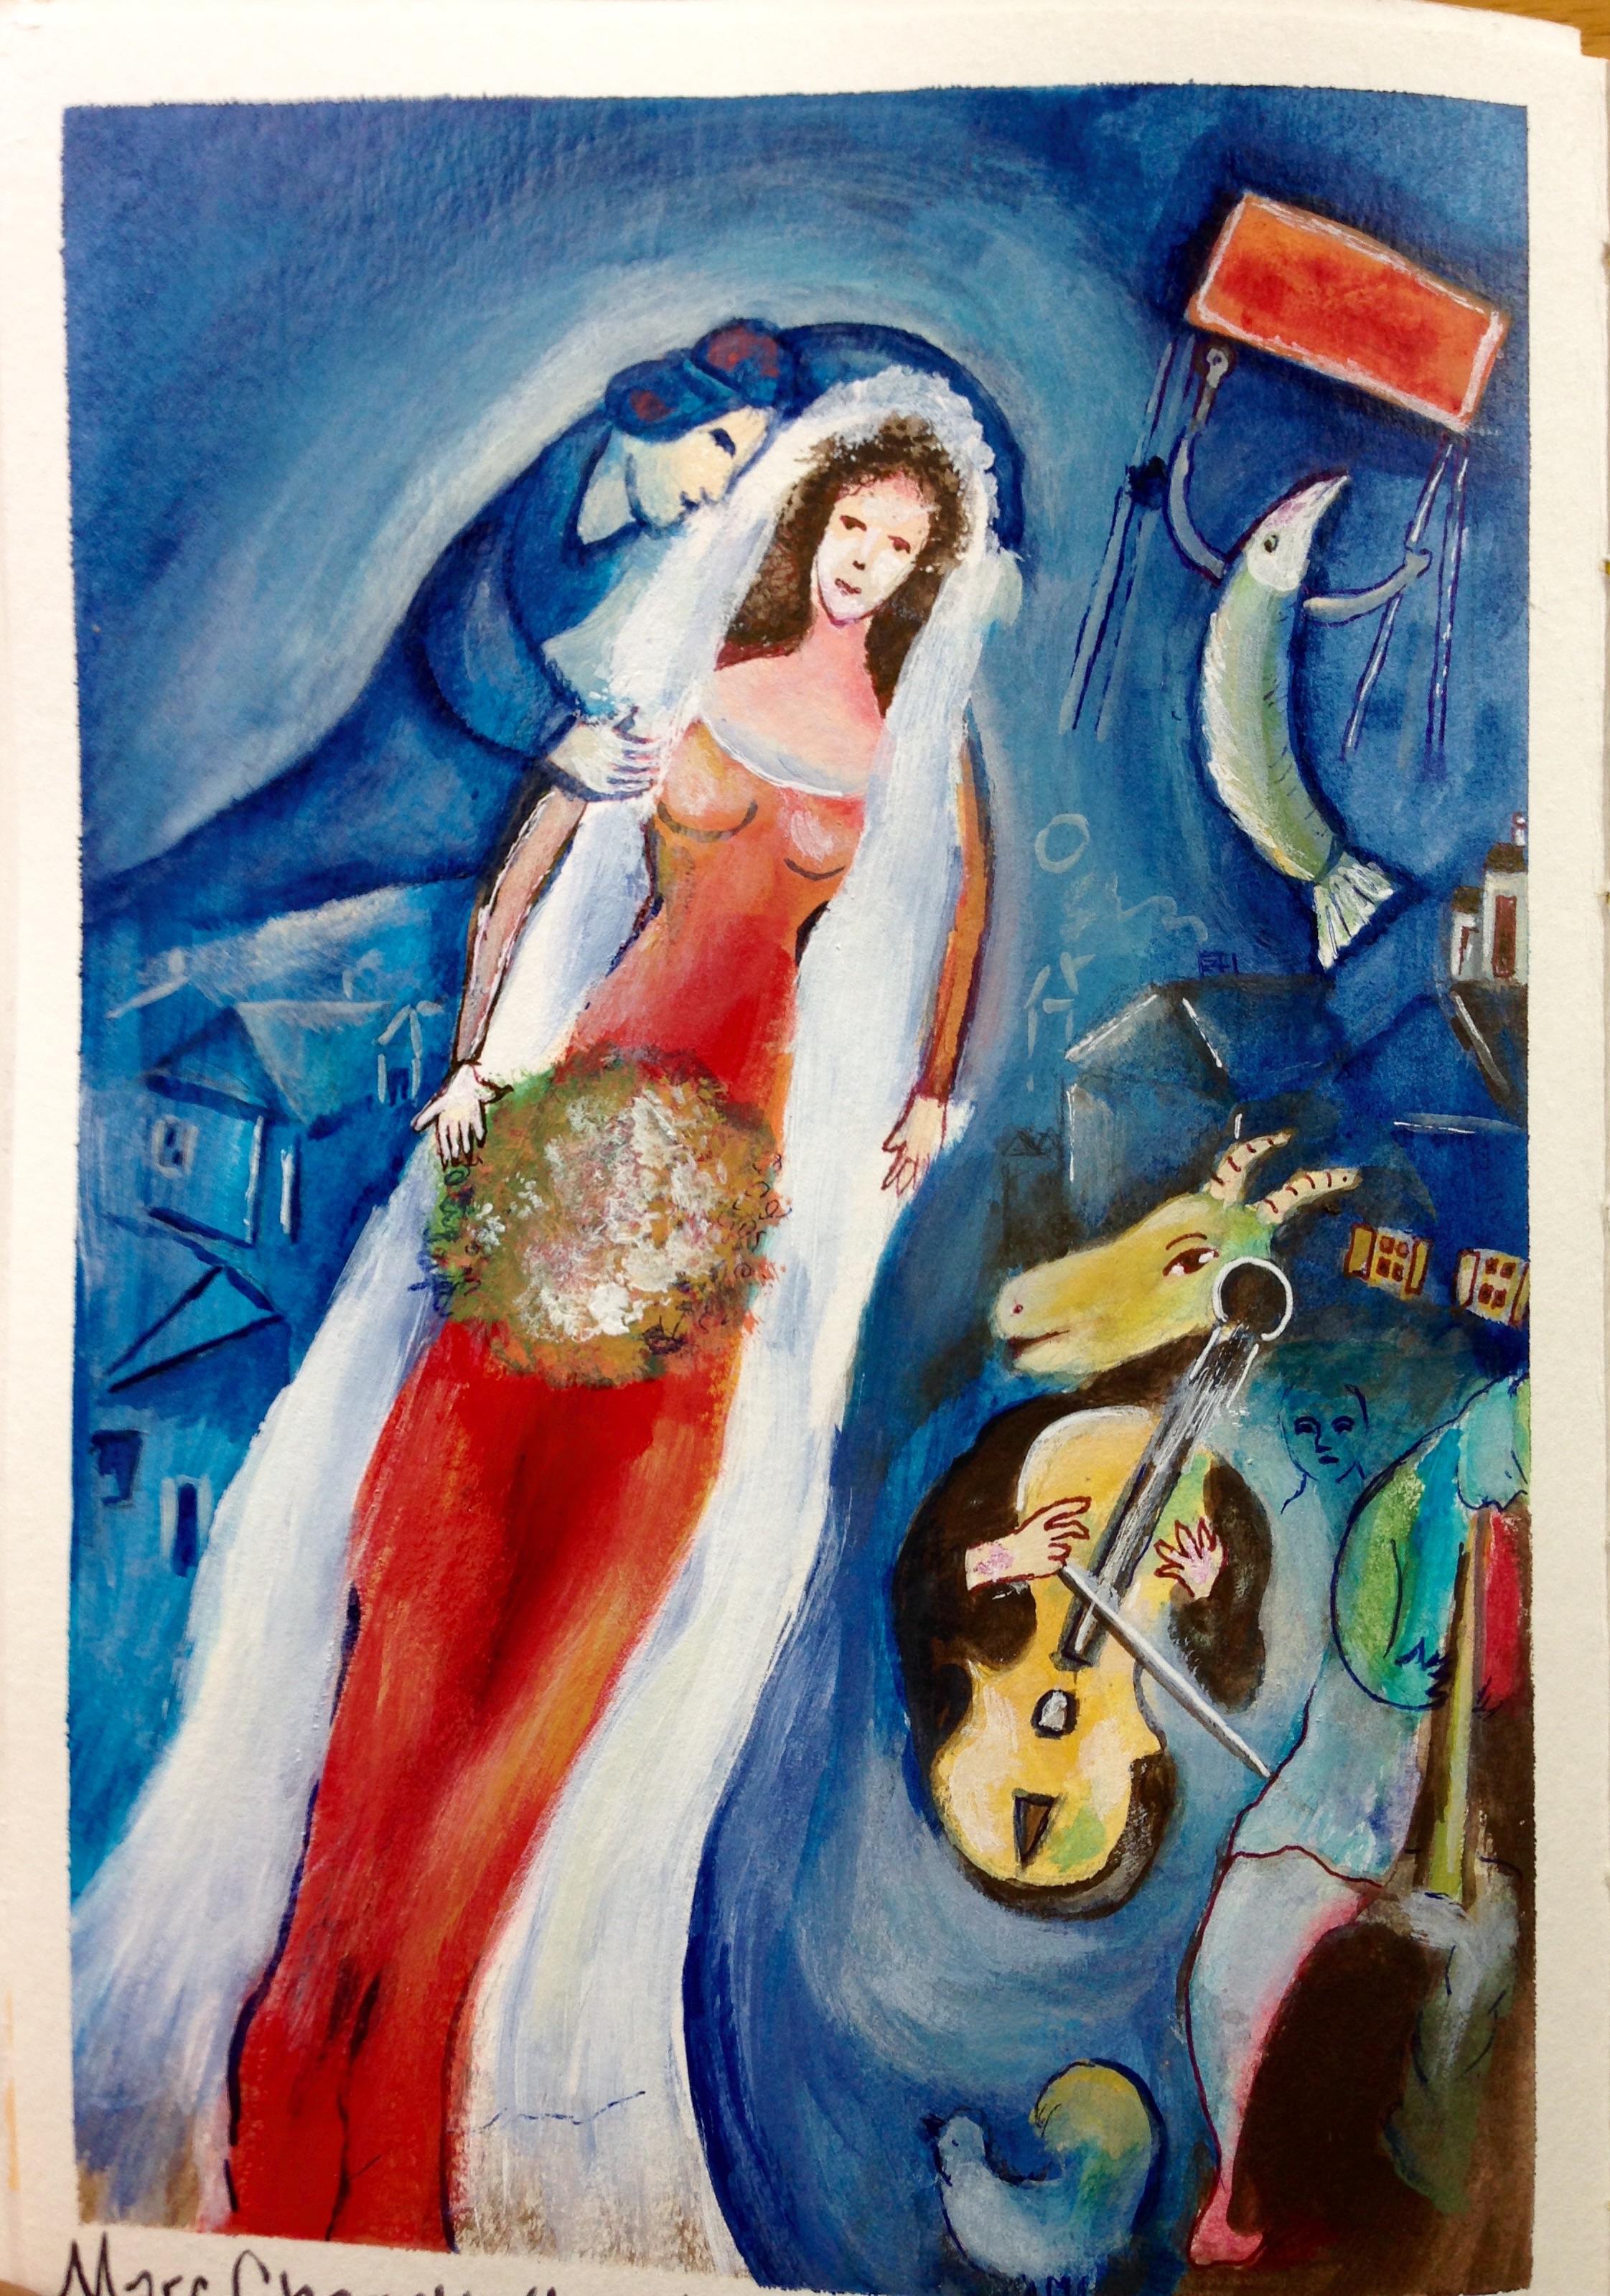 Marc Chagall, biografia, opere e citazioni Chagall Afbeeldingen